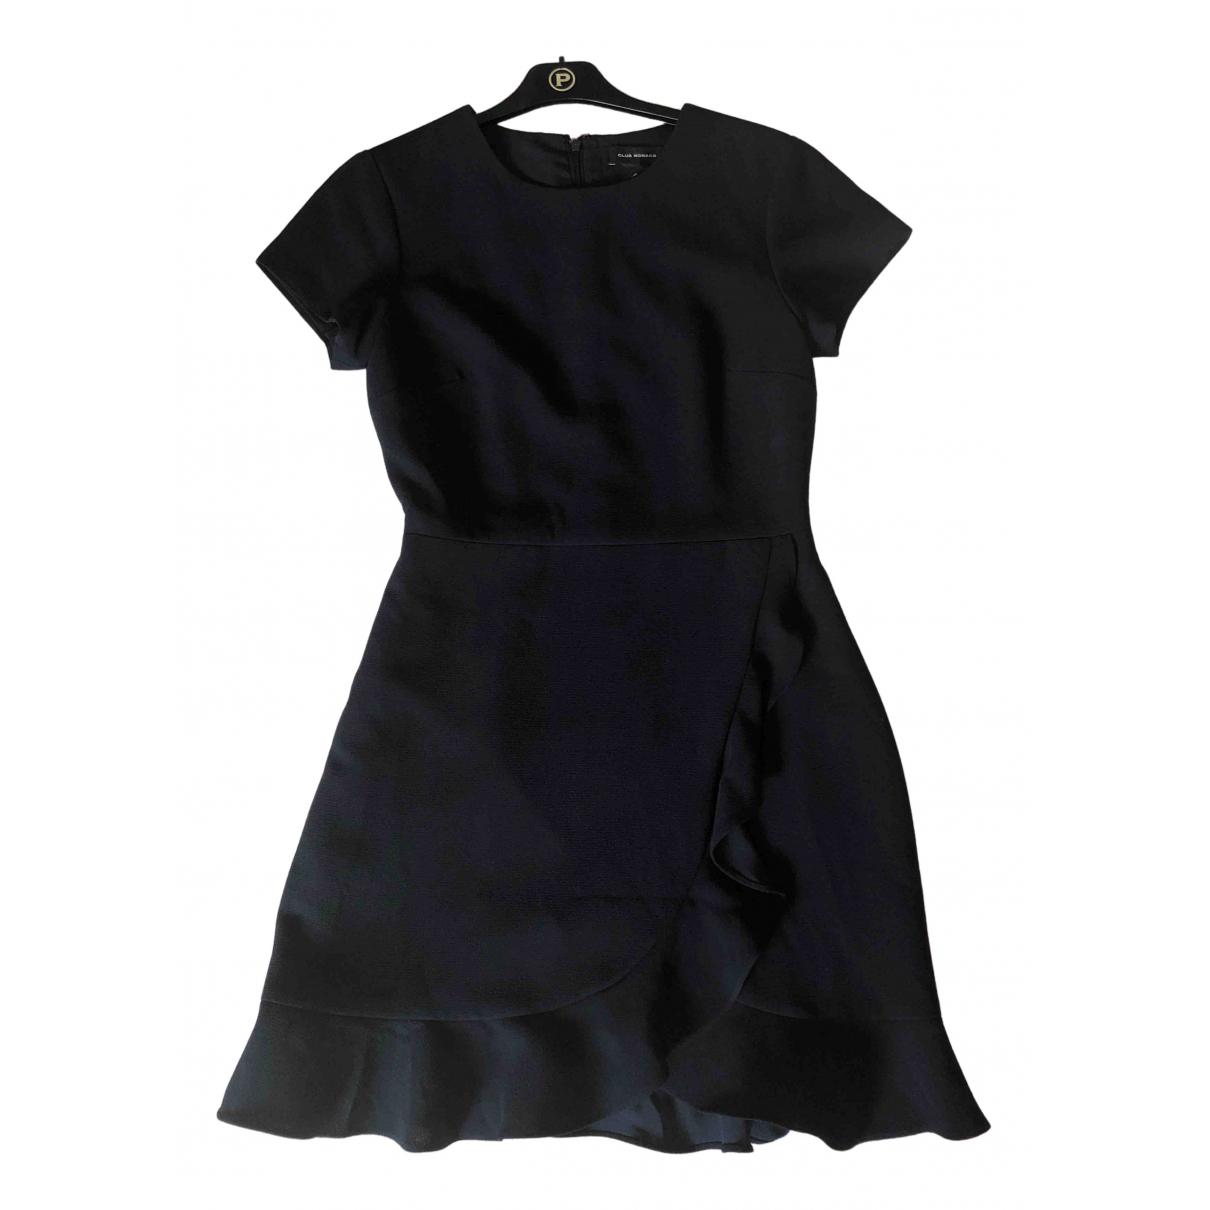 Club Monaco N Blue dress for Women 4 UK